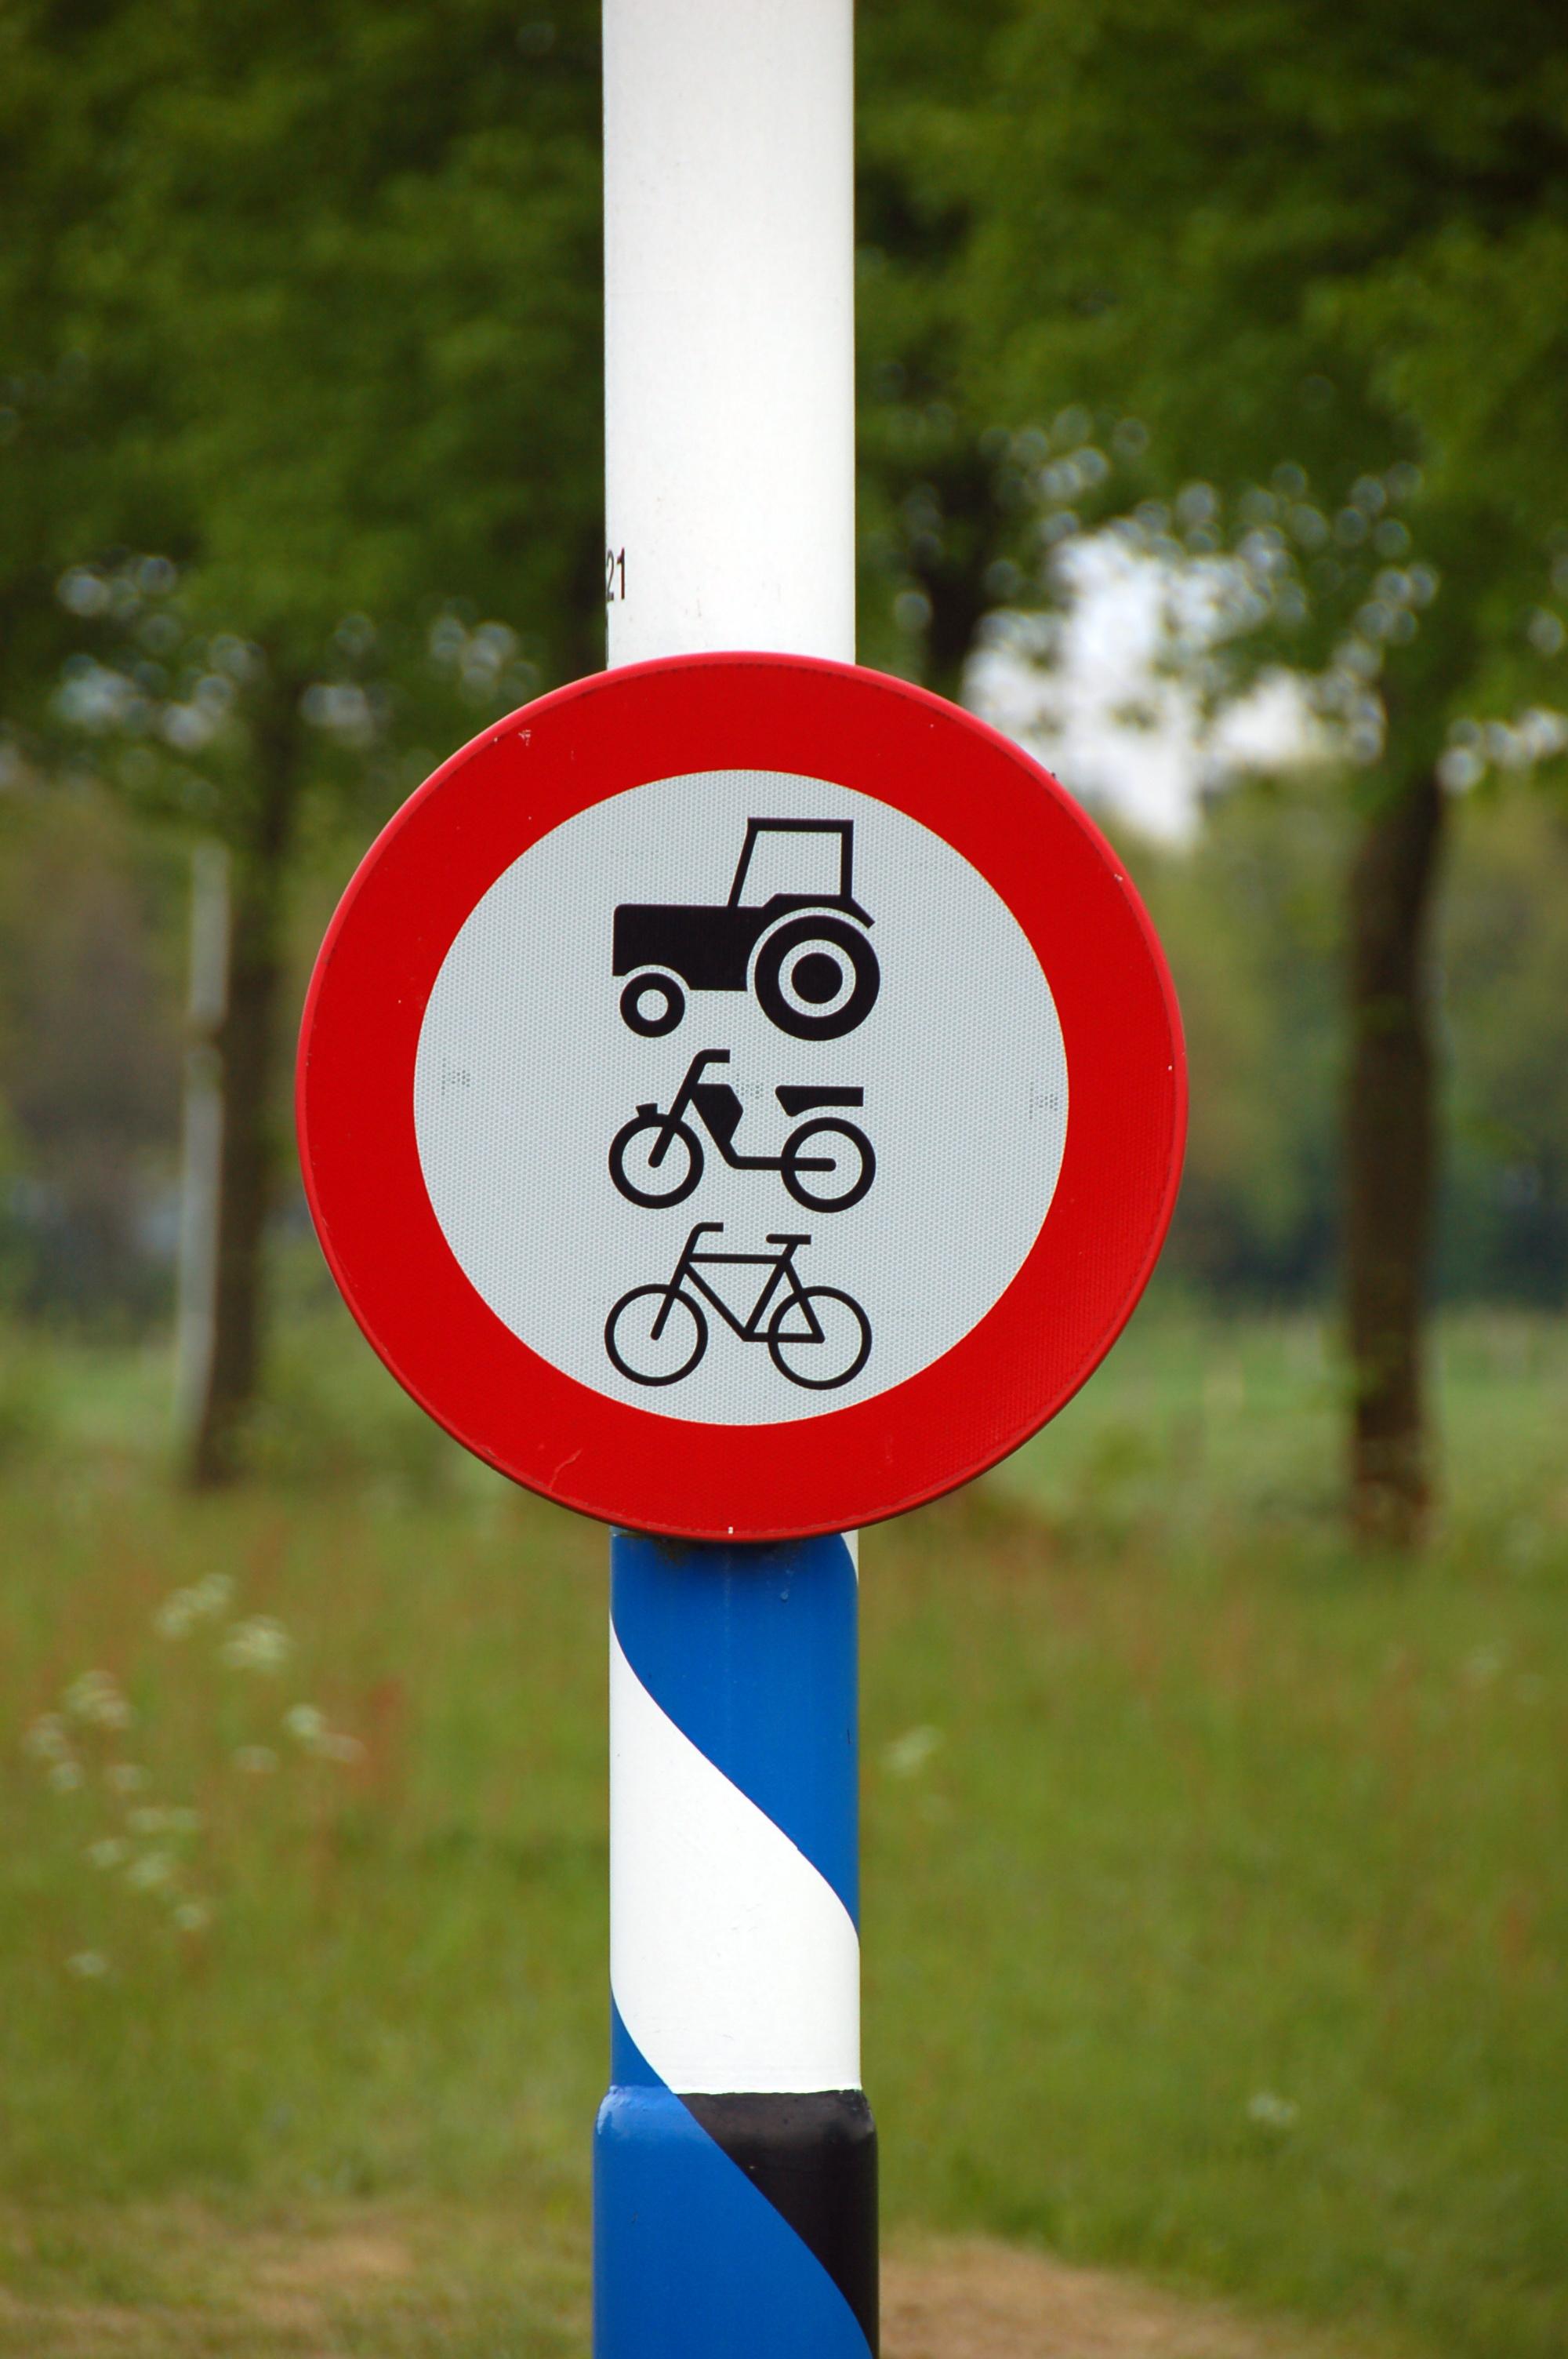 Datei:2010-05-breda-fahrradschilder-by-RalfR-02.jpg